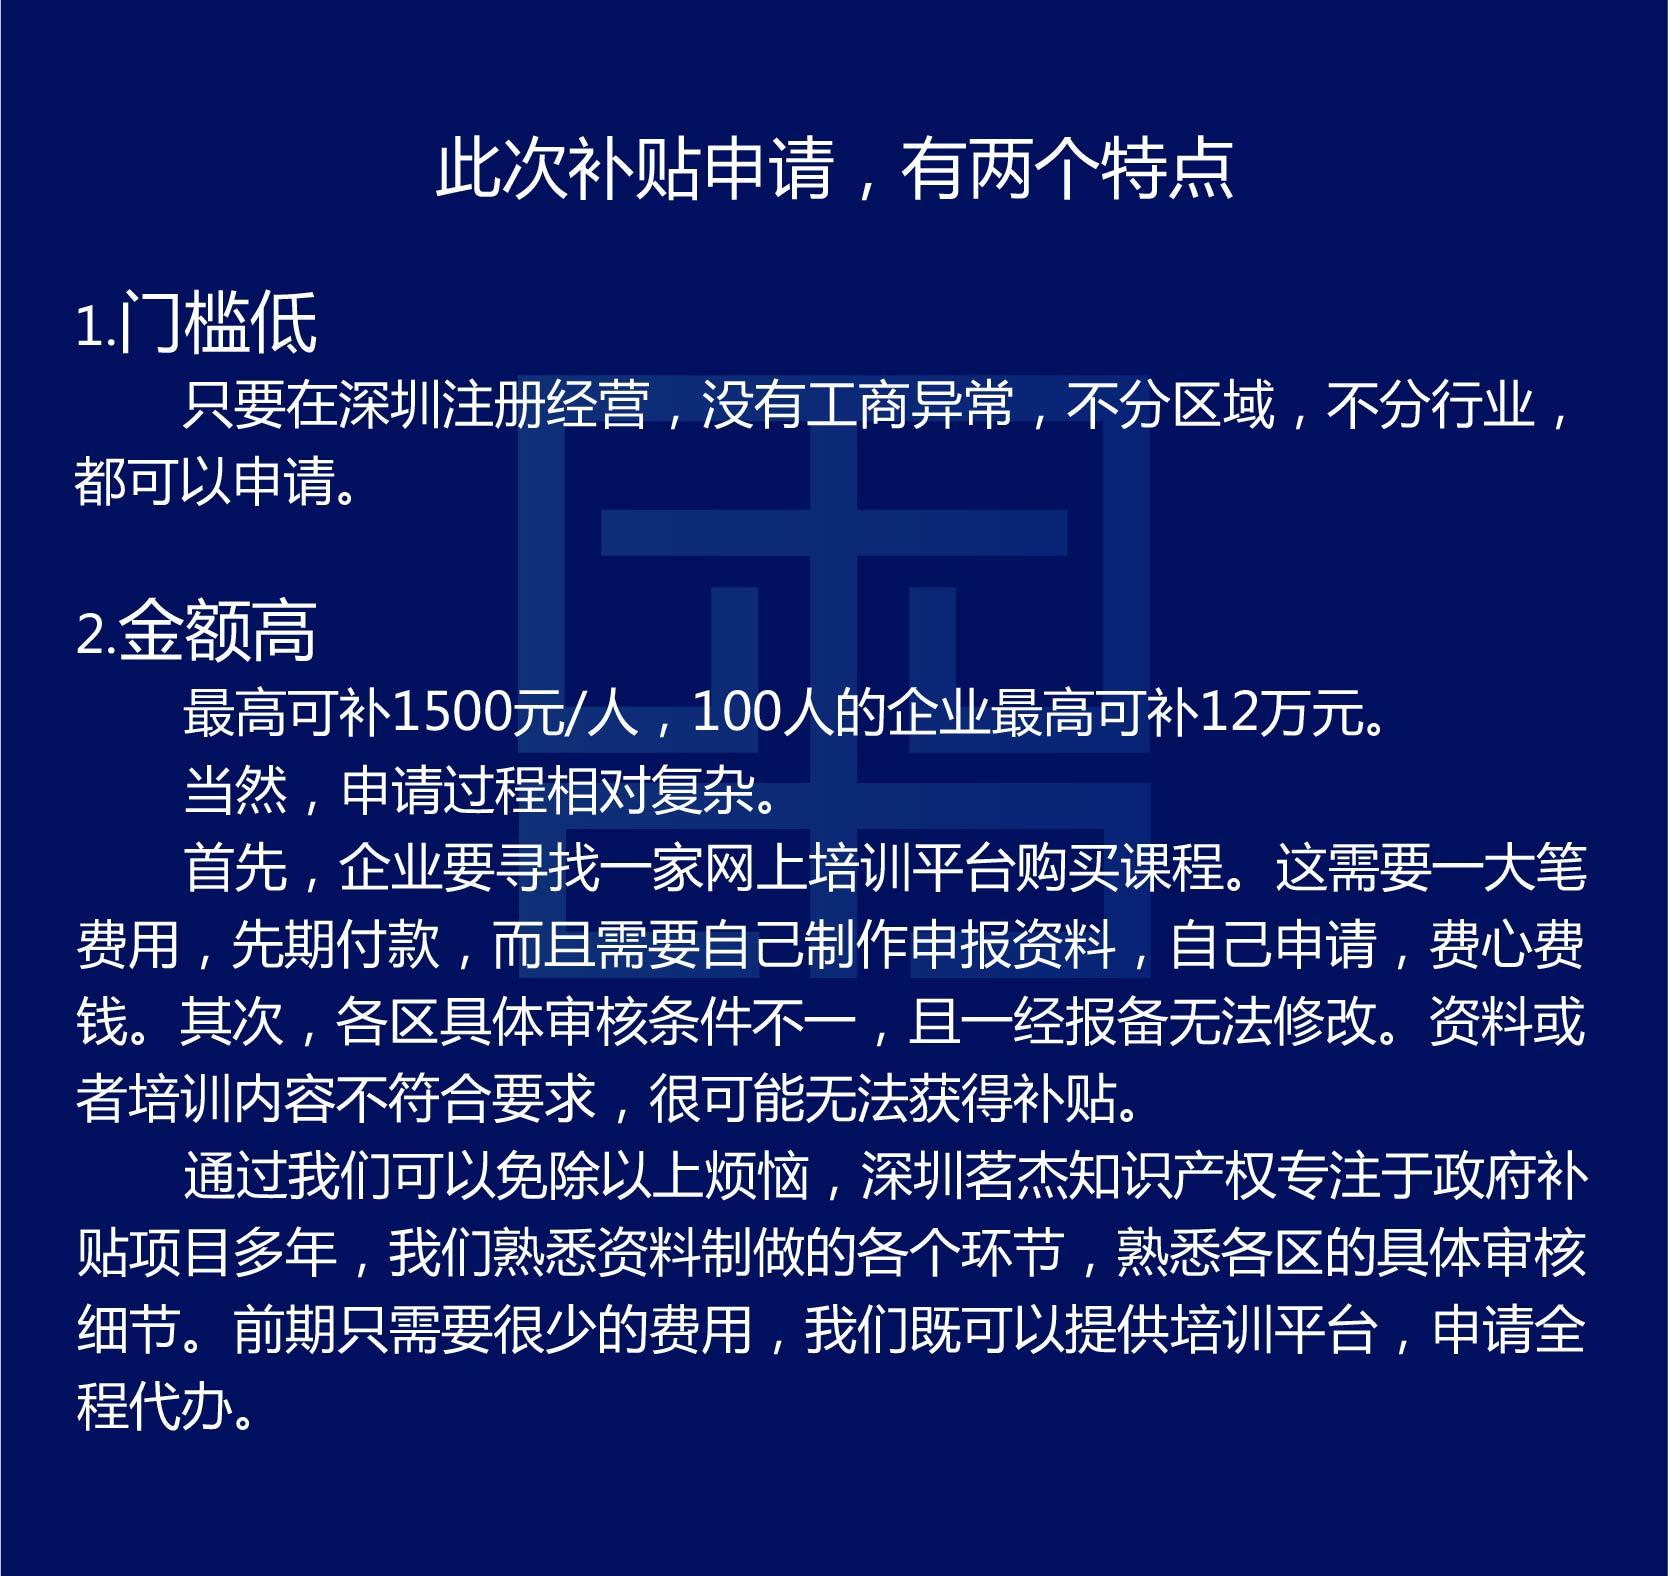 福田培训补贴_办理培训补贴相关-深圳市茗杰知识产权代理有限公司